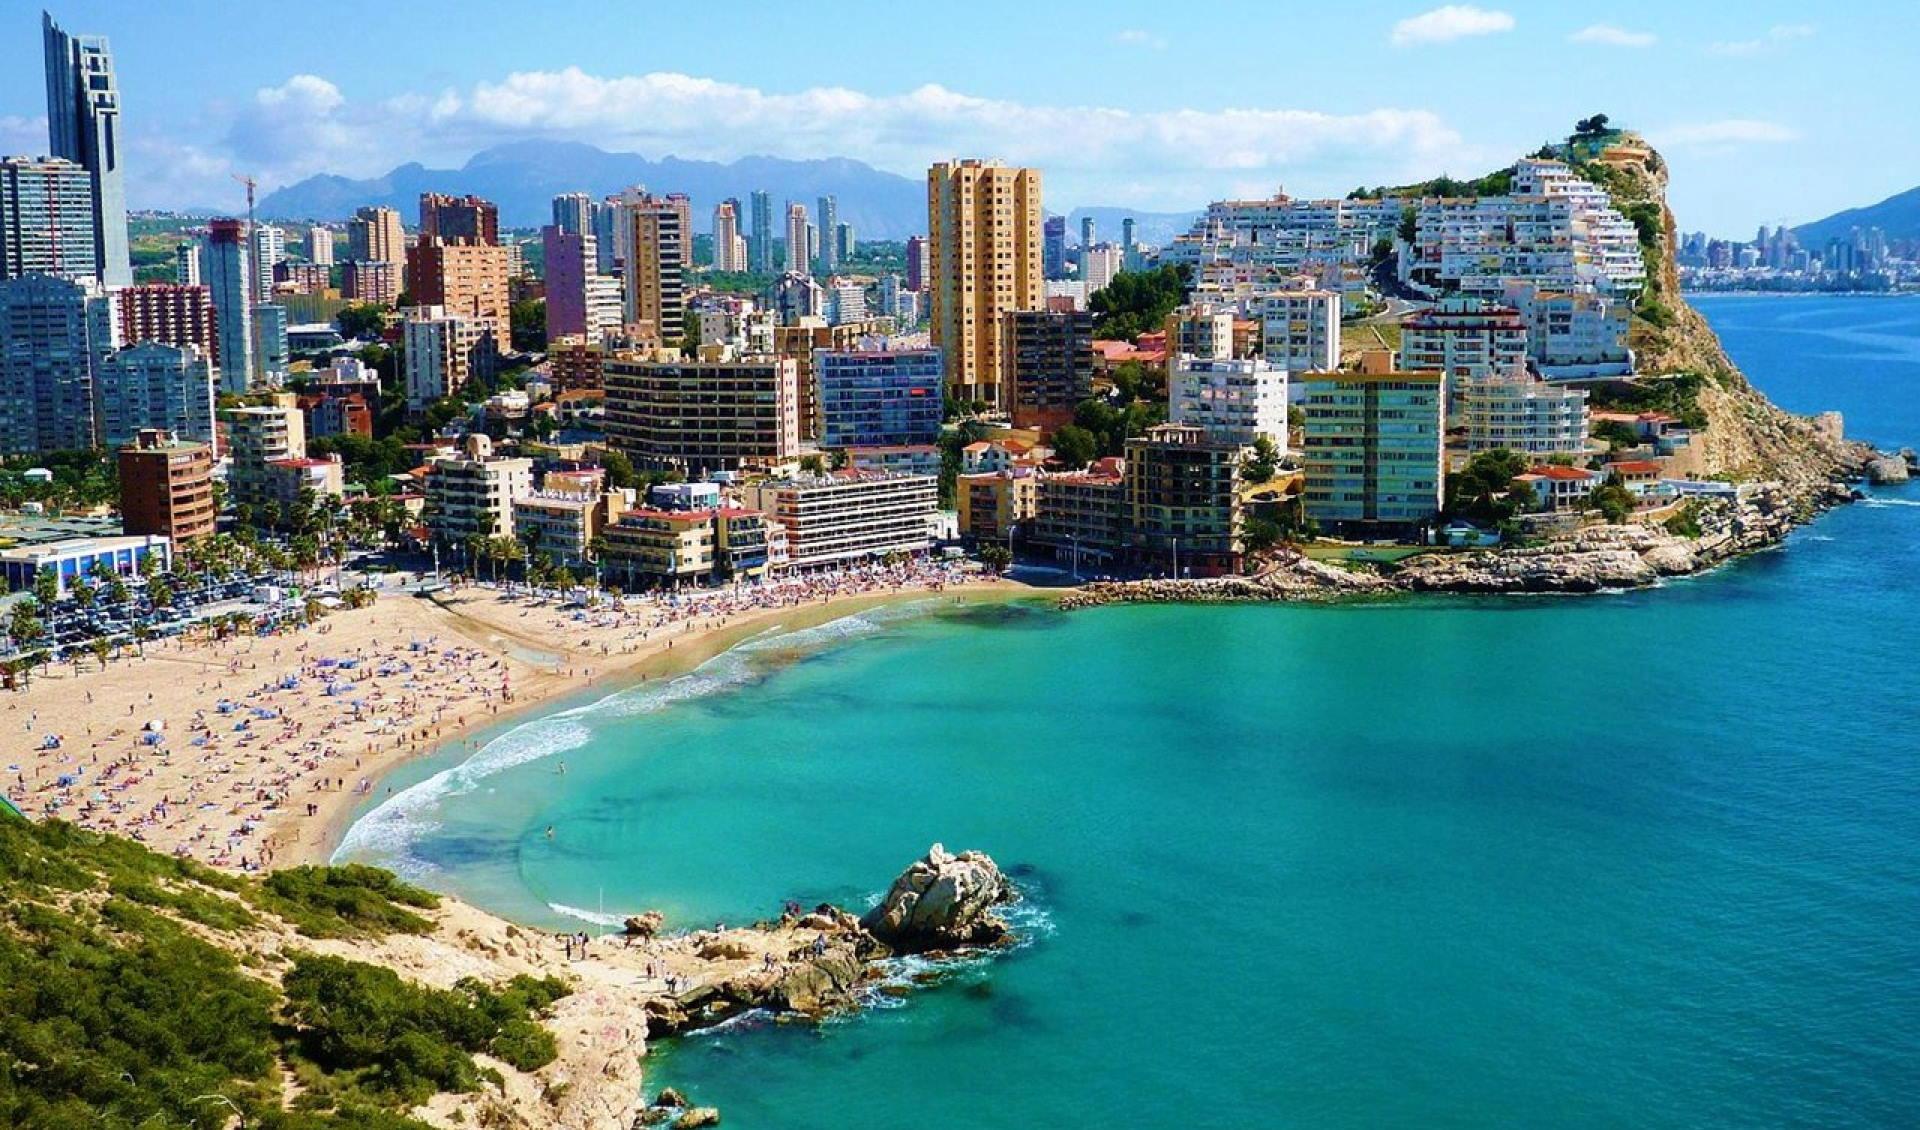 Испанская провинция Аликанте идеально подойдет для пляжного отдыха в бархатный сезон